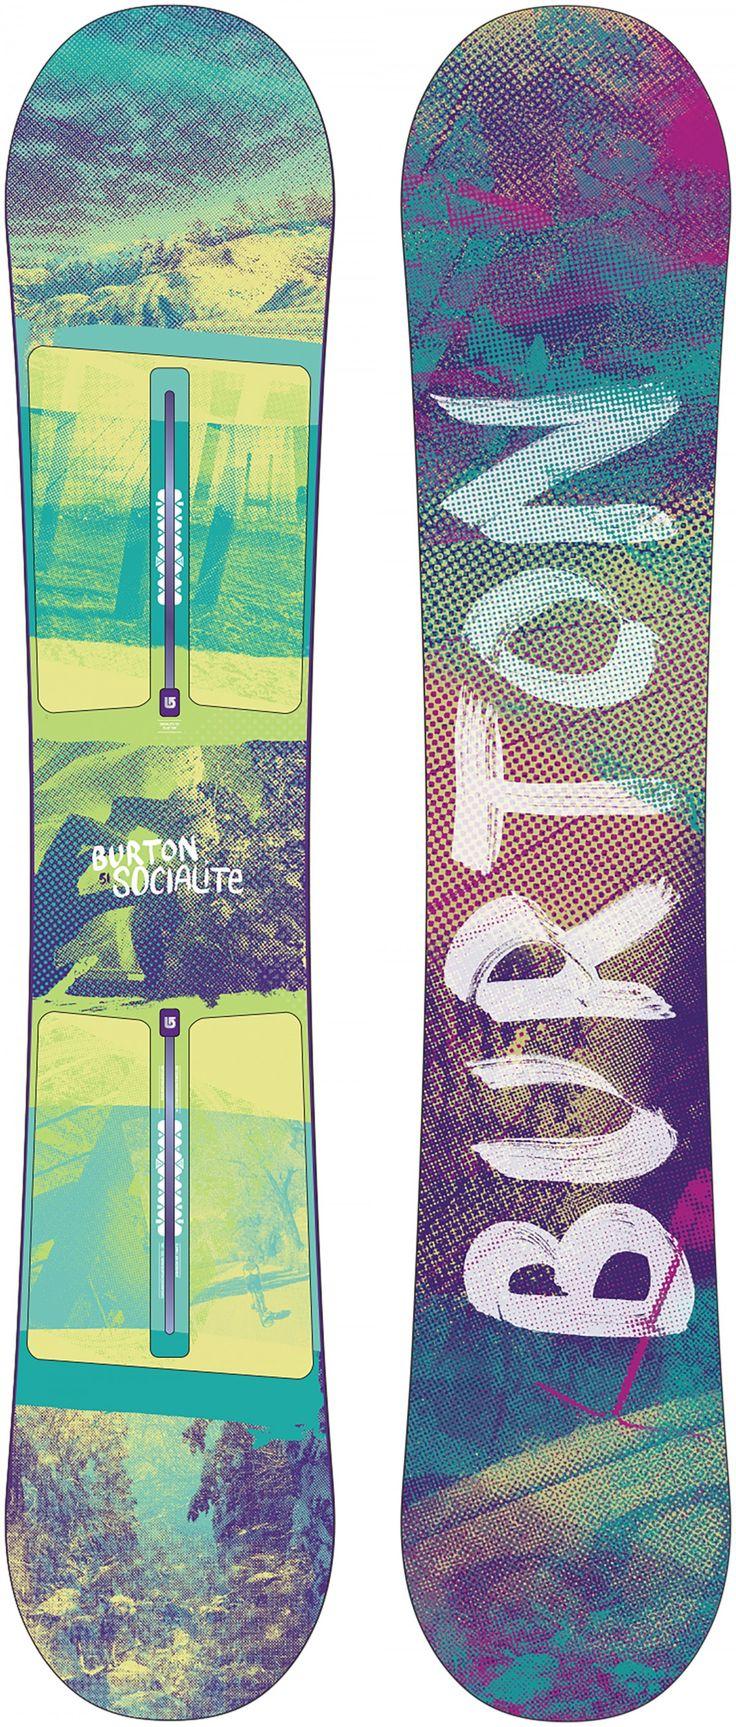 Burton Socialite Womens Snowboard '14/15 from @golfskipin